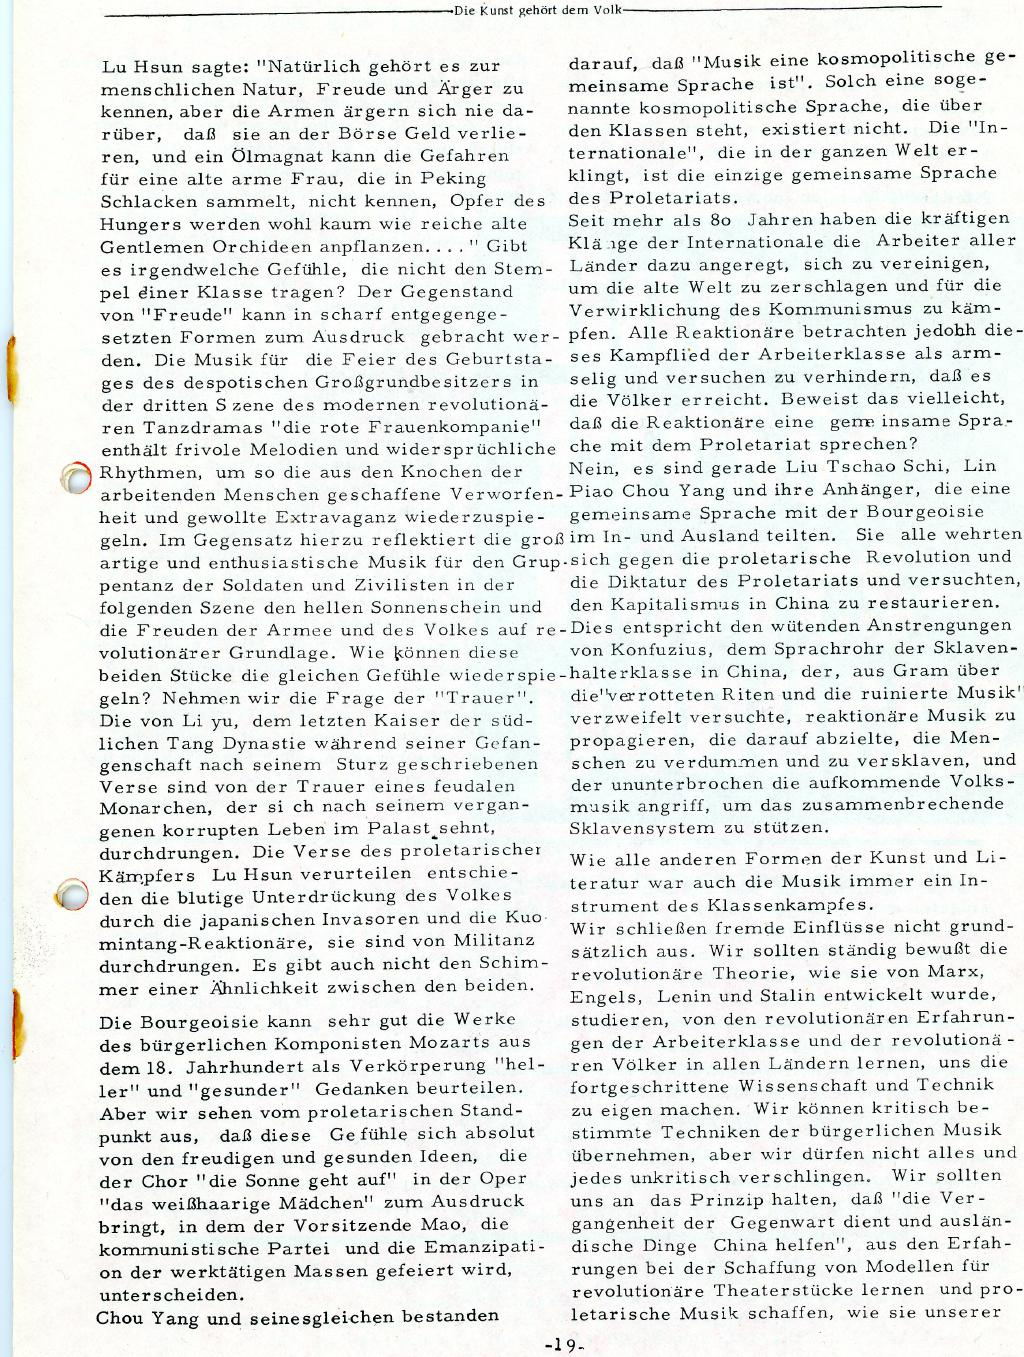 RPK_1974_05_19